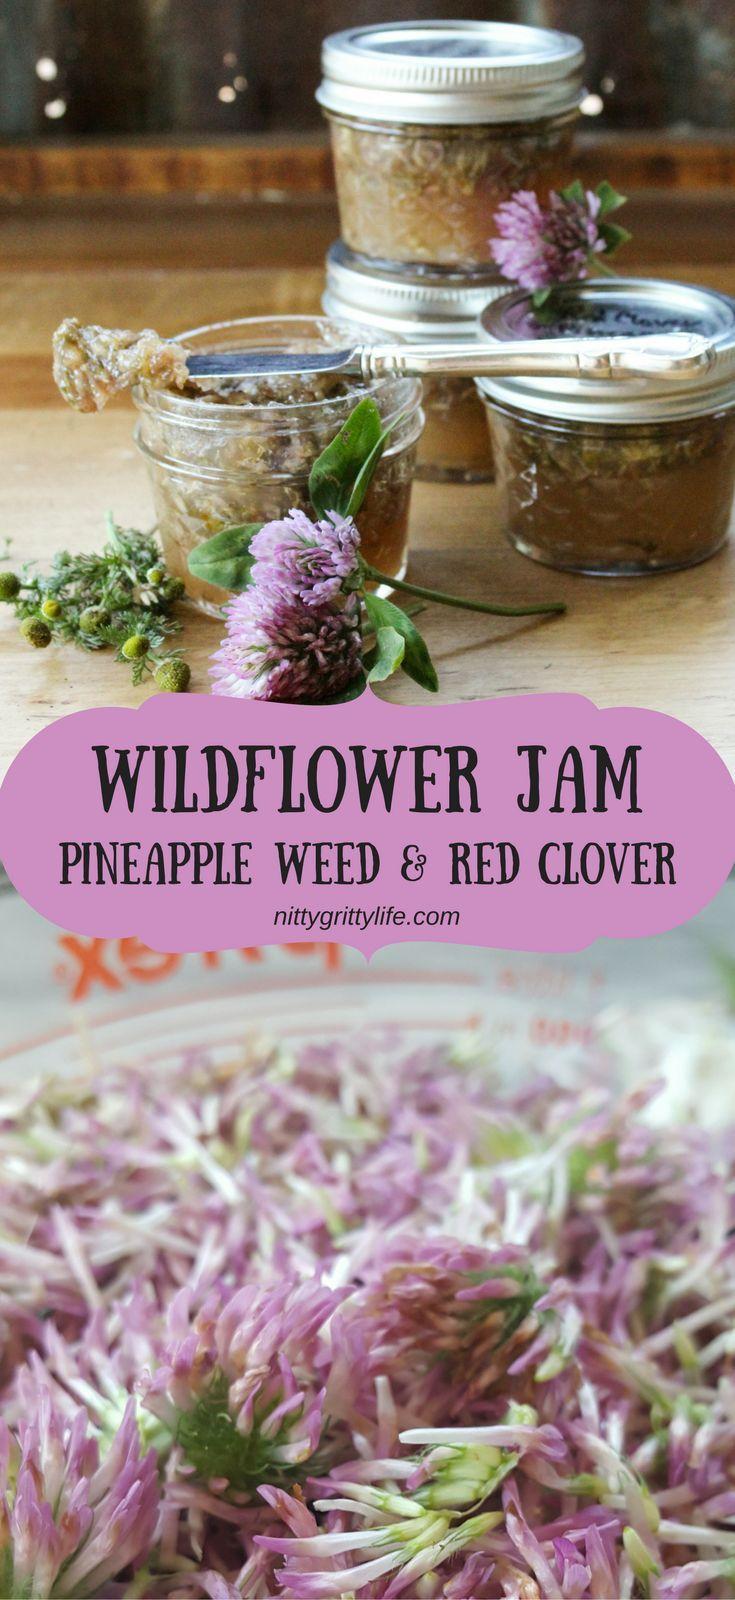 wildflower jam